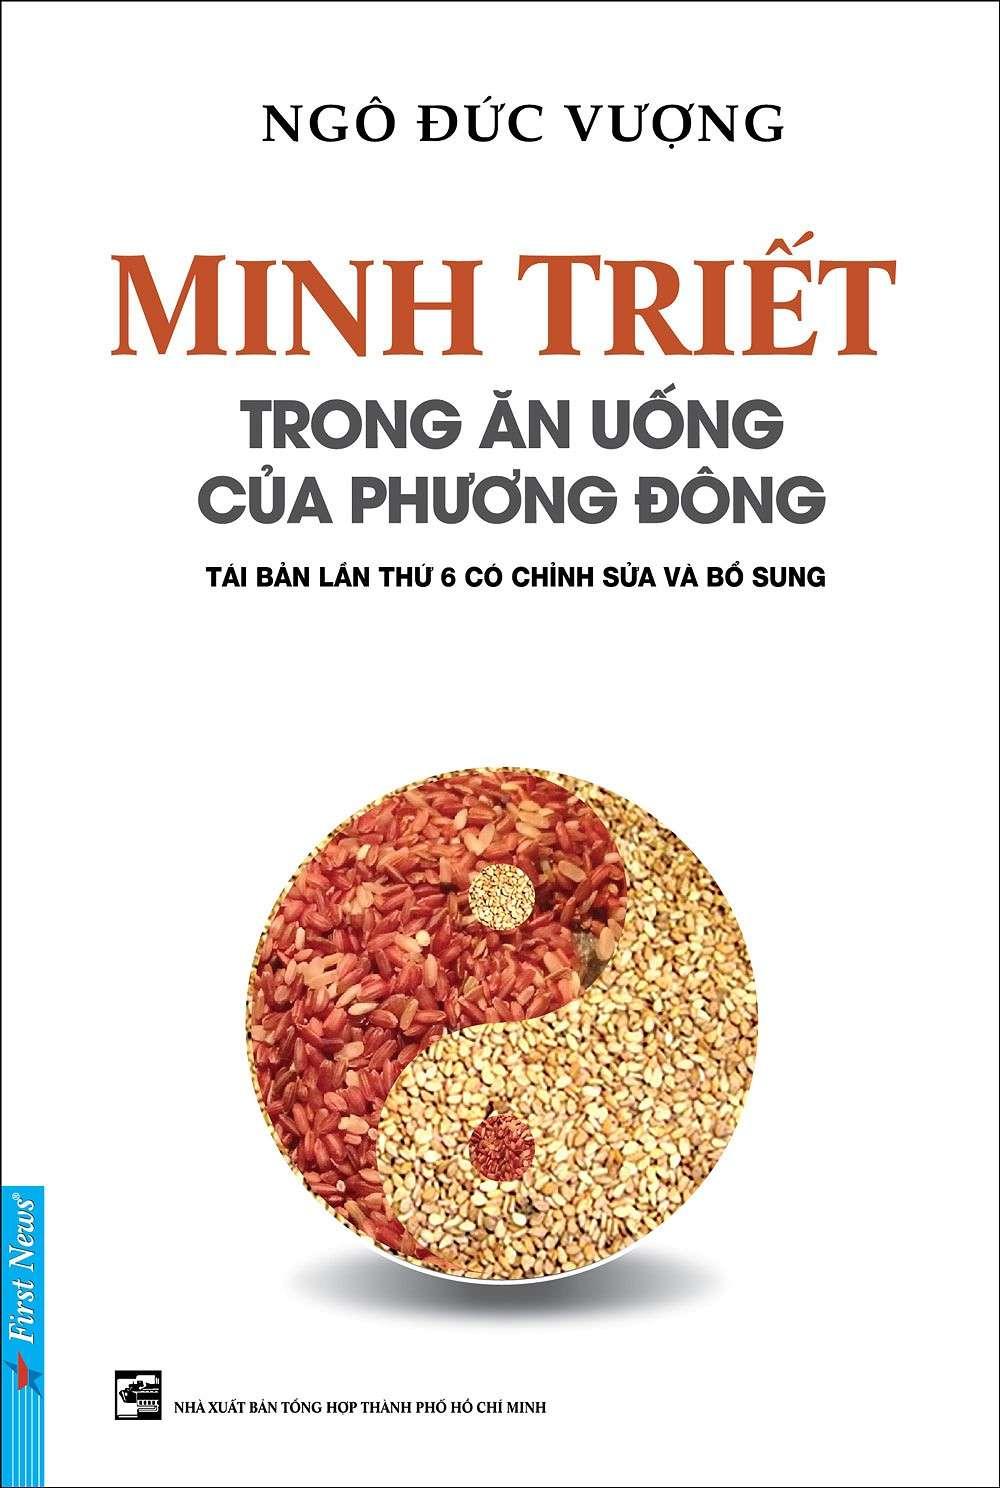 sach minh triet trong an uong cua phuong dong 8 quyển sách hay về dinh dưỡng đọc để tăng cường sức khỏe